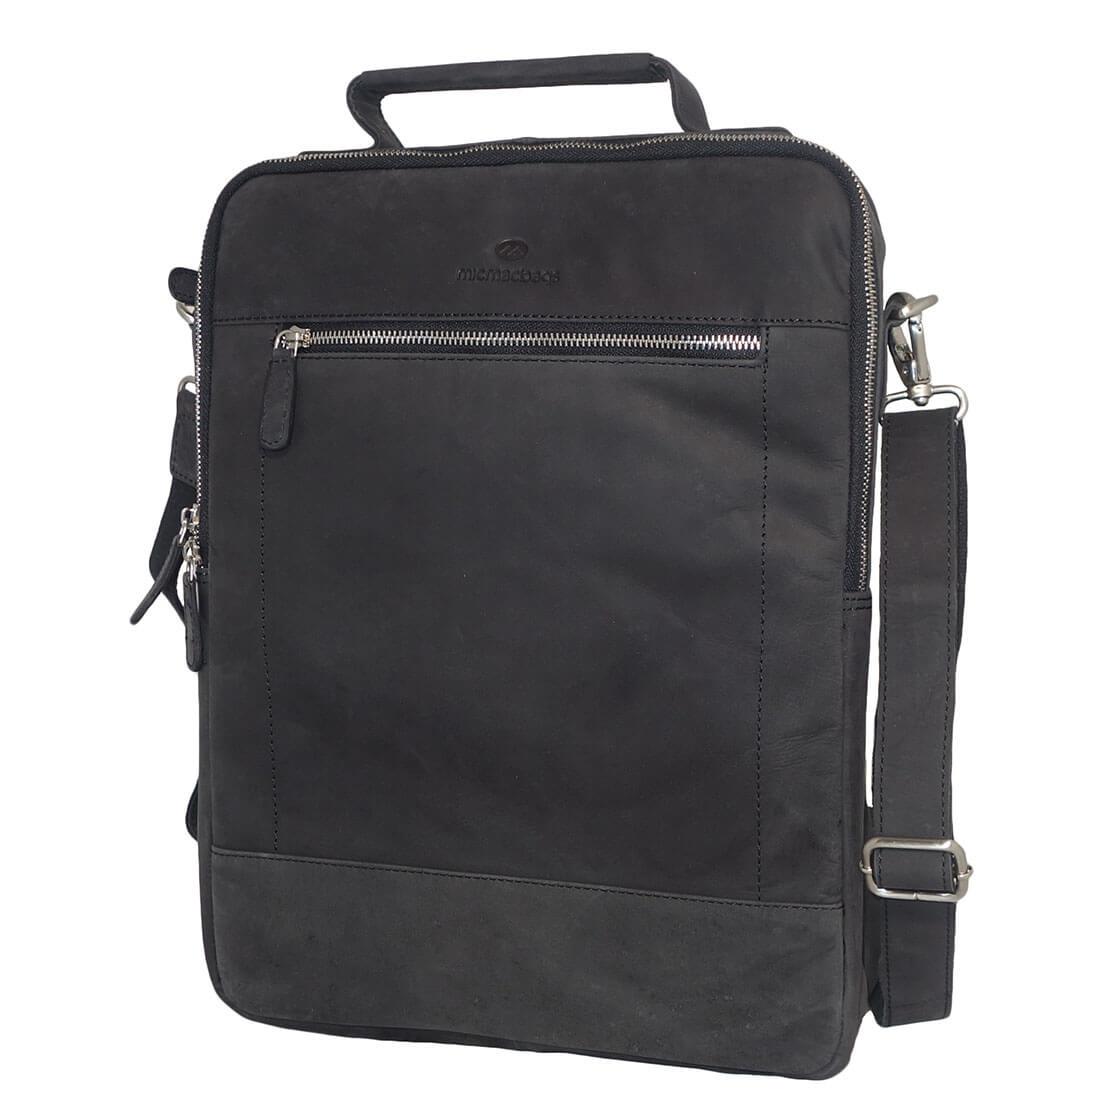 MicMacbags Laptop Rugzak / Schoudertas Zwart-0